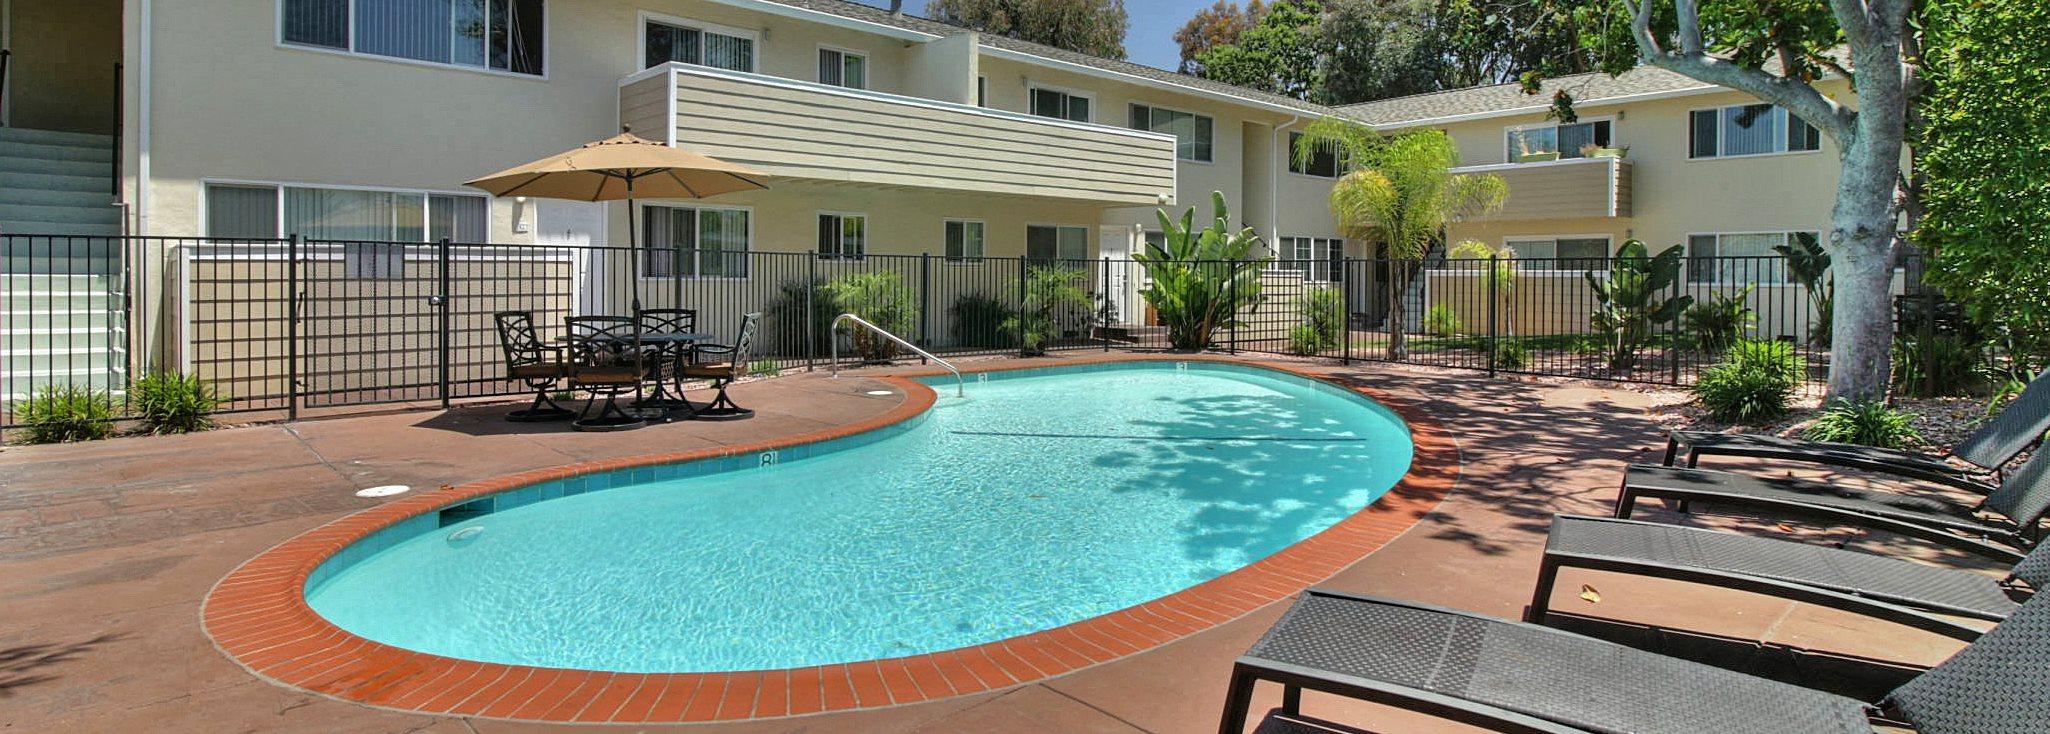 241 Curtner Apartments In Palo Alto Ca